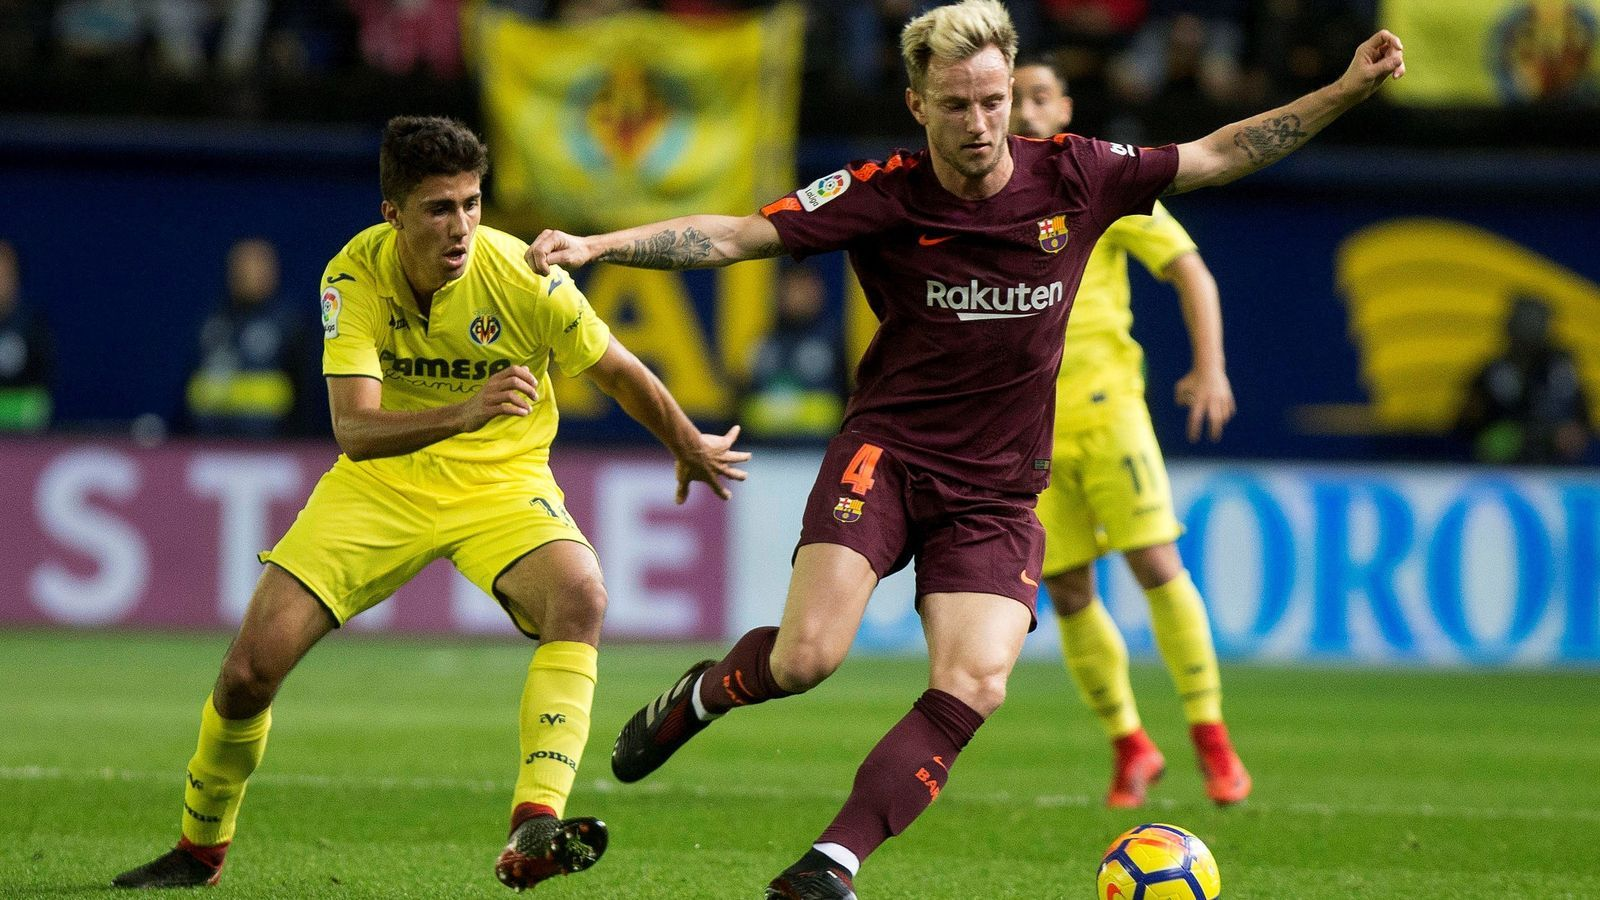 """Rakitic: """"Hem compensat la baixa de Neymar a través de l'esforç col·lectiu"""""""